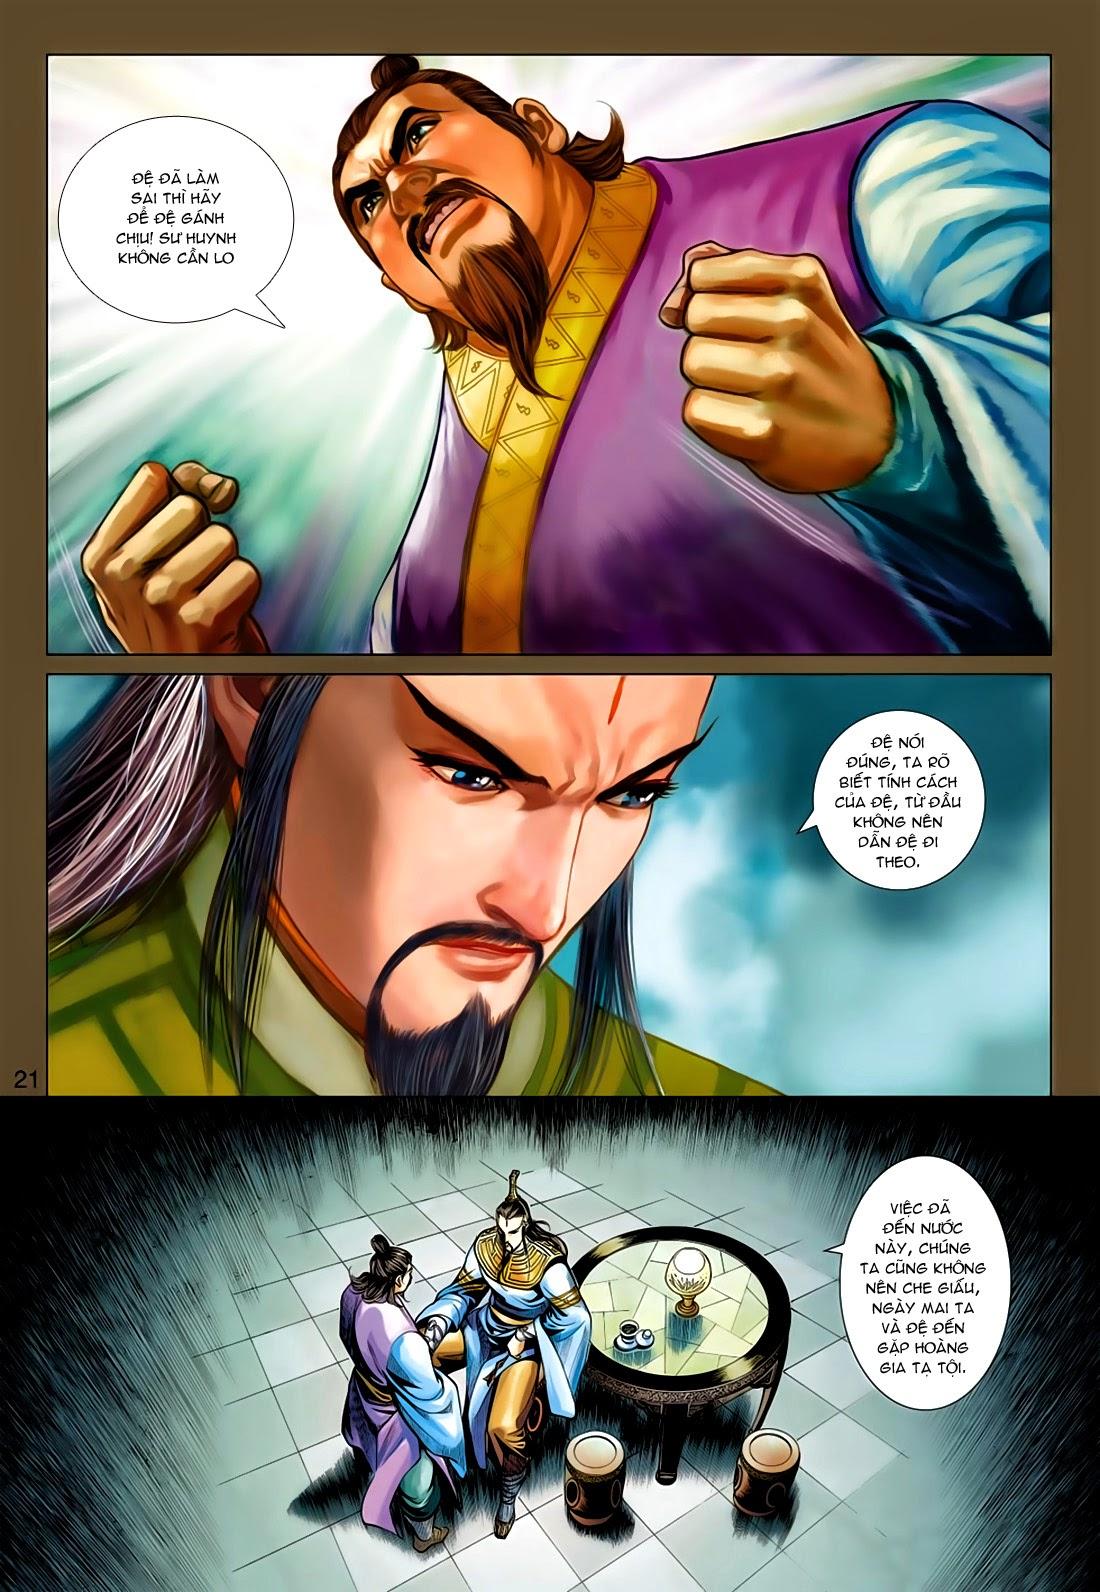 Anh Hùng Xạ Điêu anh hùng xạ đêu chap 77: thế thượng tối cường võ công trang 21